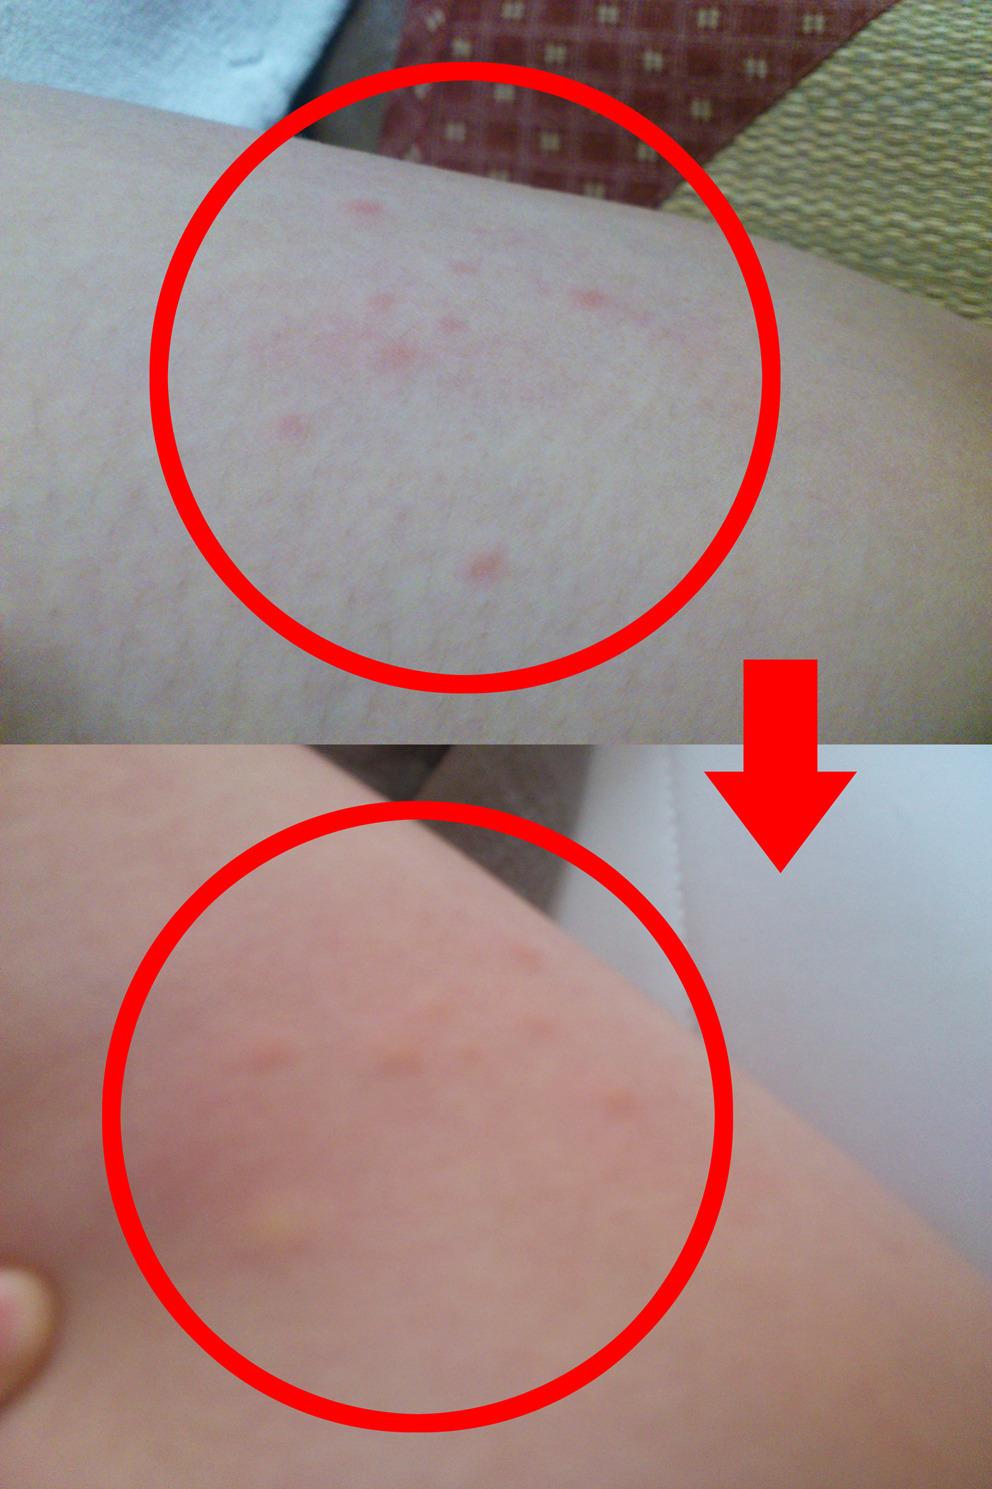 跡 刺され た ノミ に 猫ノミの症状写真(人)を公開!【人間が刺されない対策は?】